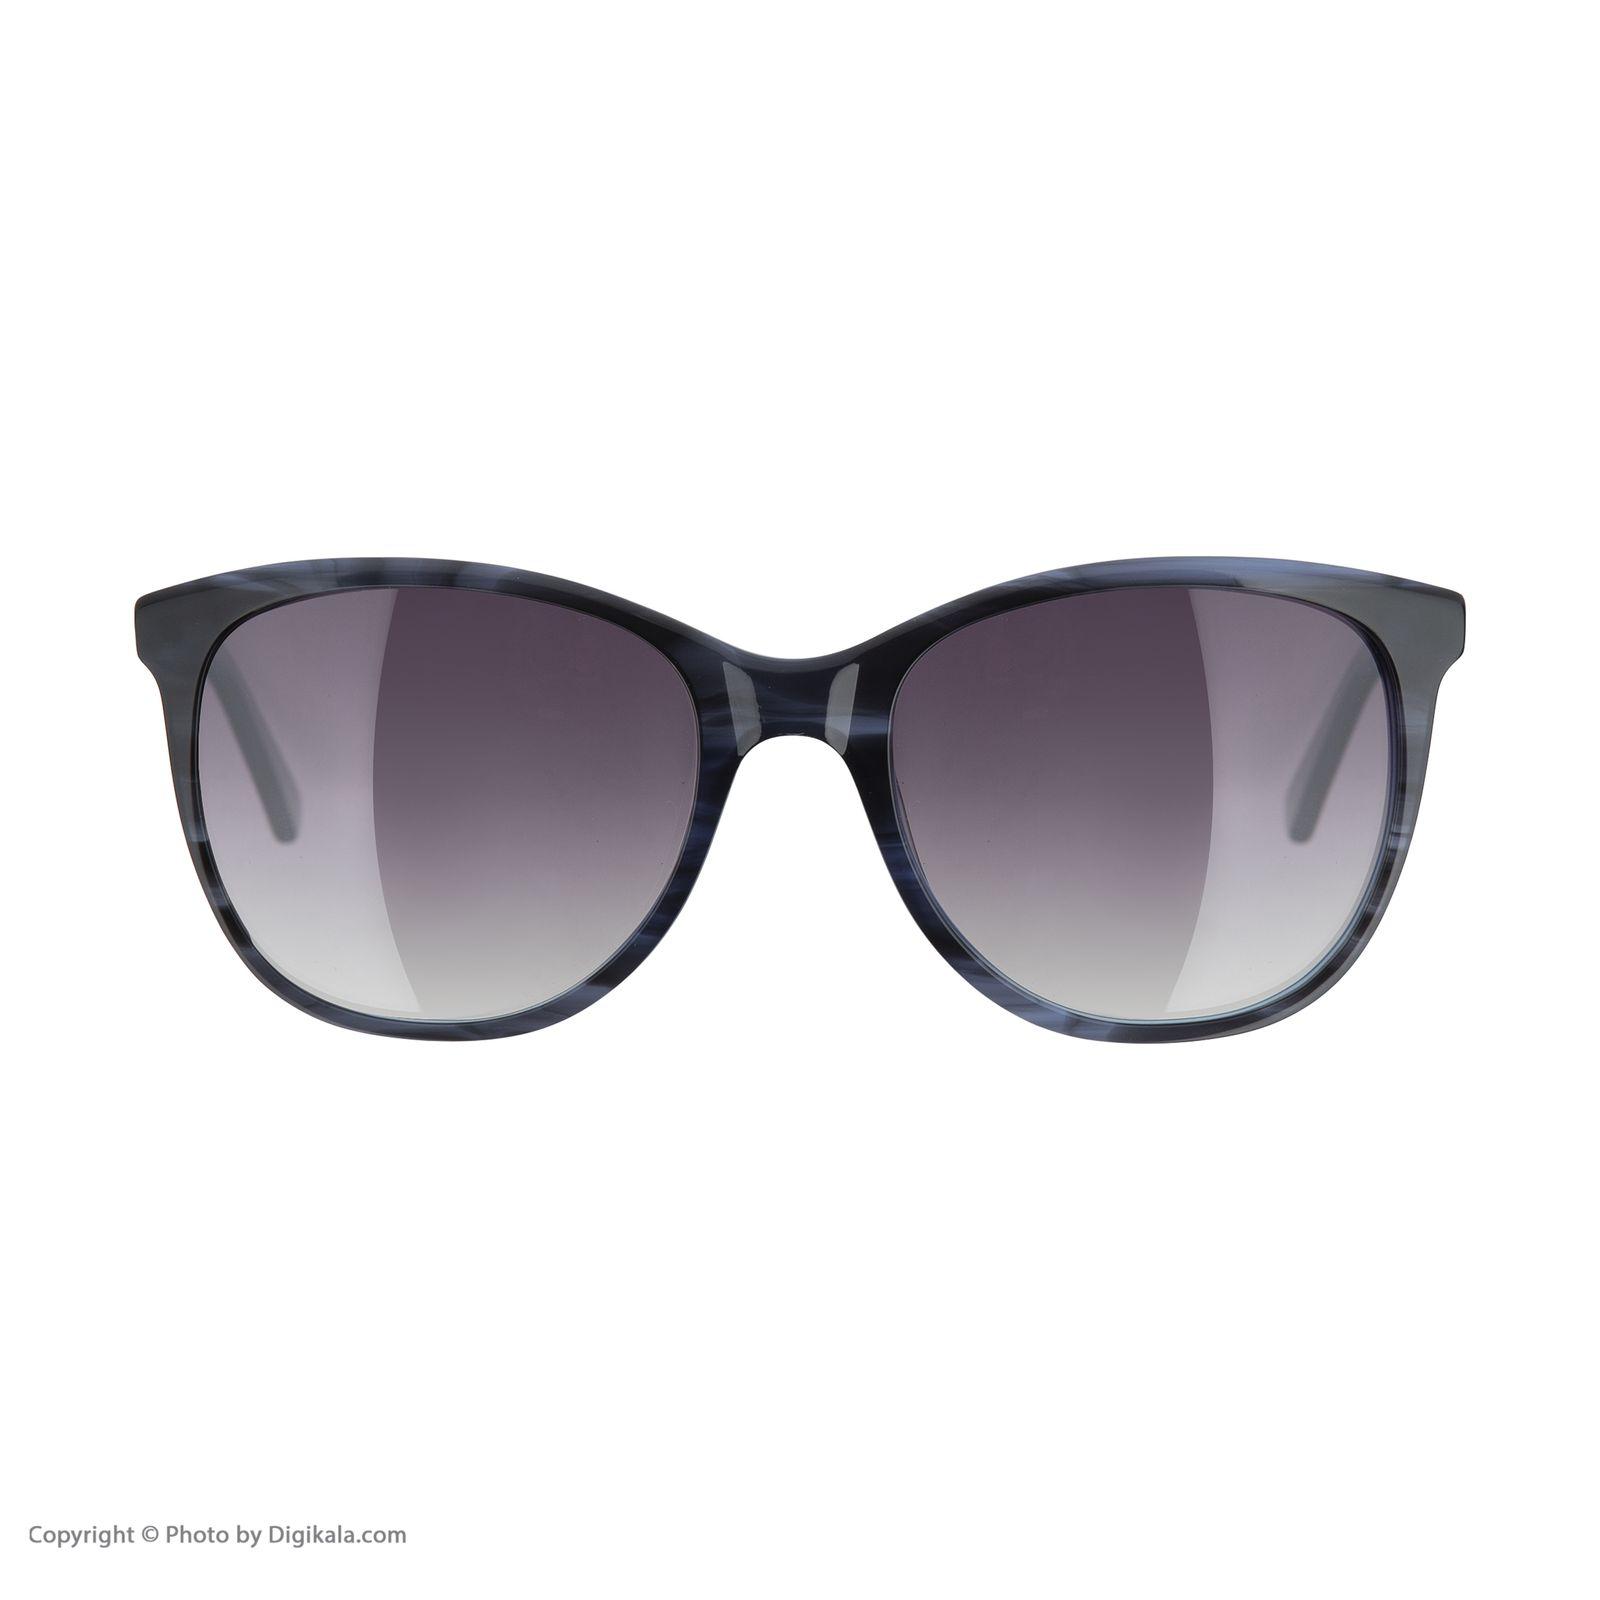 عینک آفتابی زنانه ویستان مدل 7998003 -  - 1